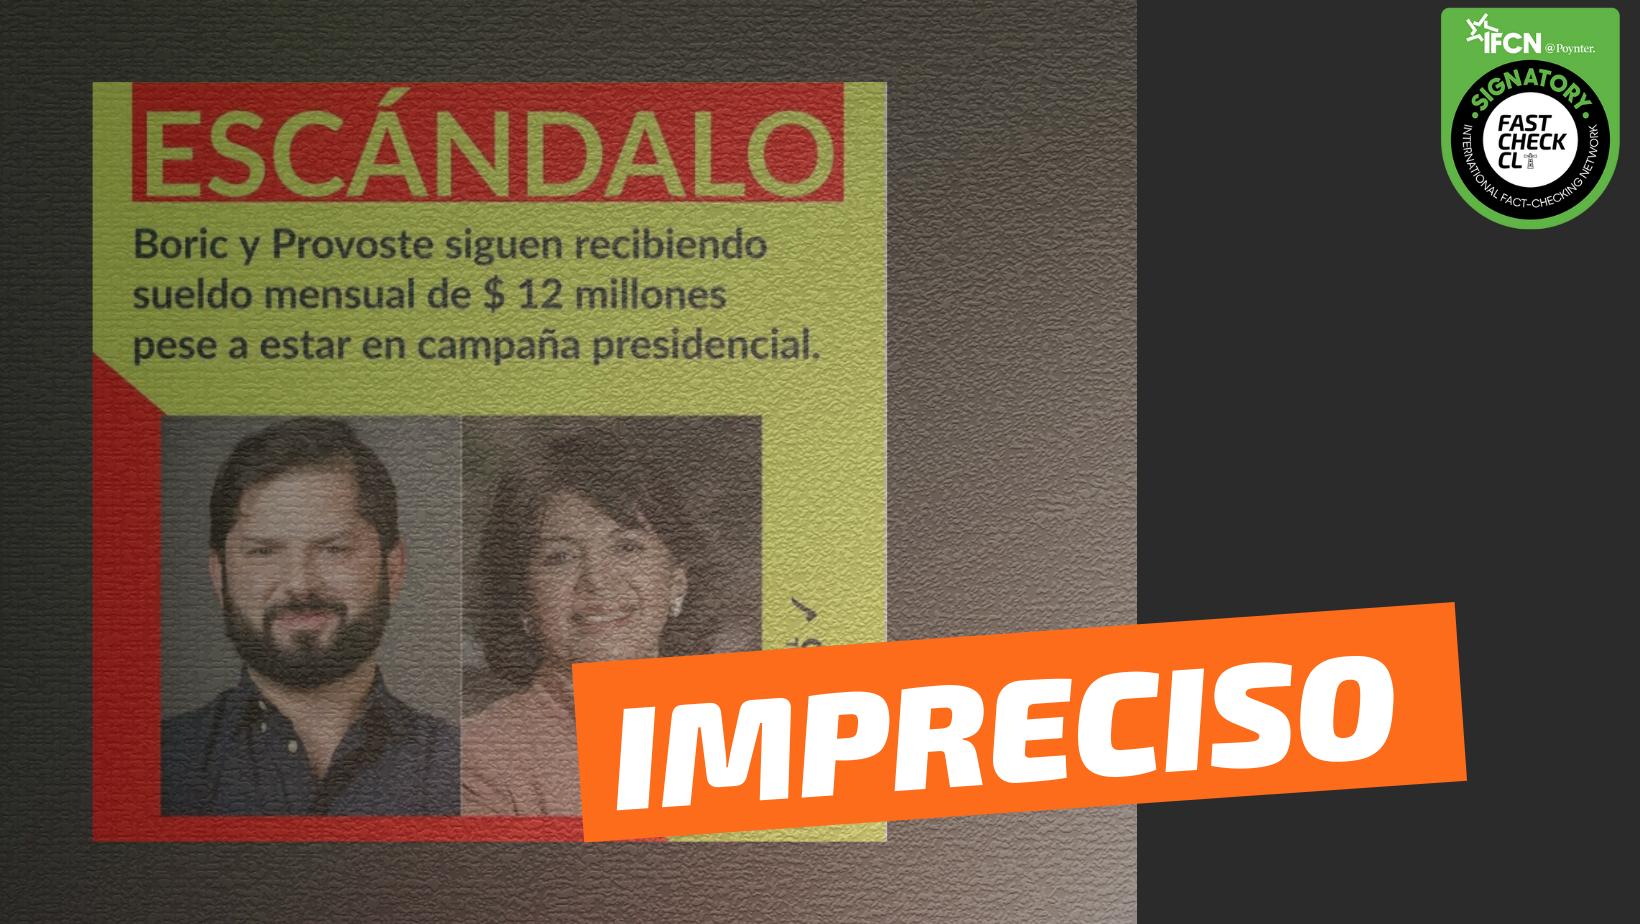 """Read more about the article (Imagen): """"Boric y Provoste siguen recibiendo sueldo mensual de $12 millones pese a estar en campaña"""": #Impreciso"""